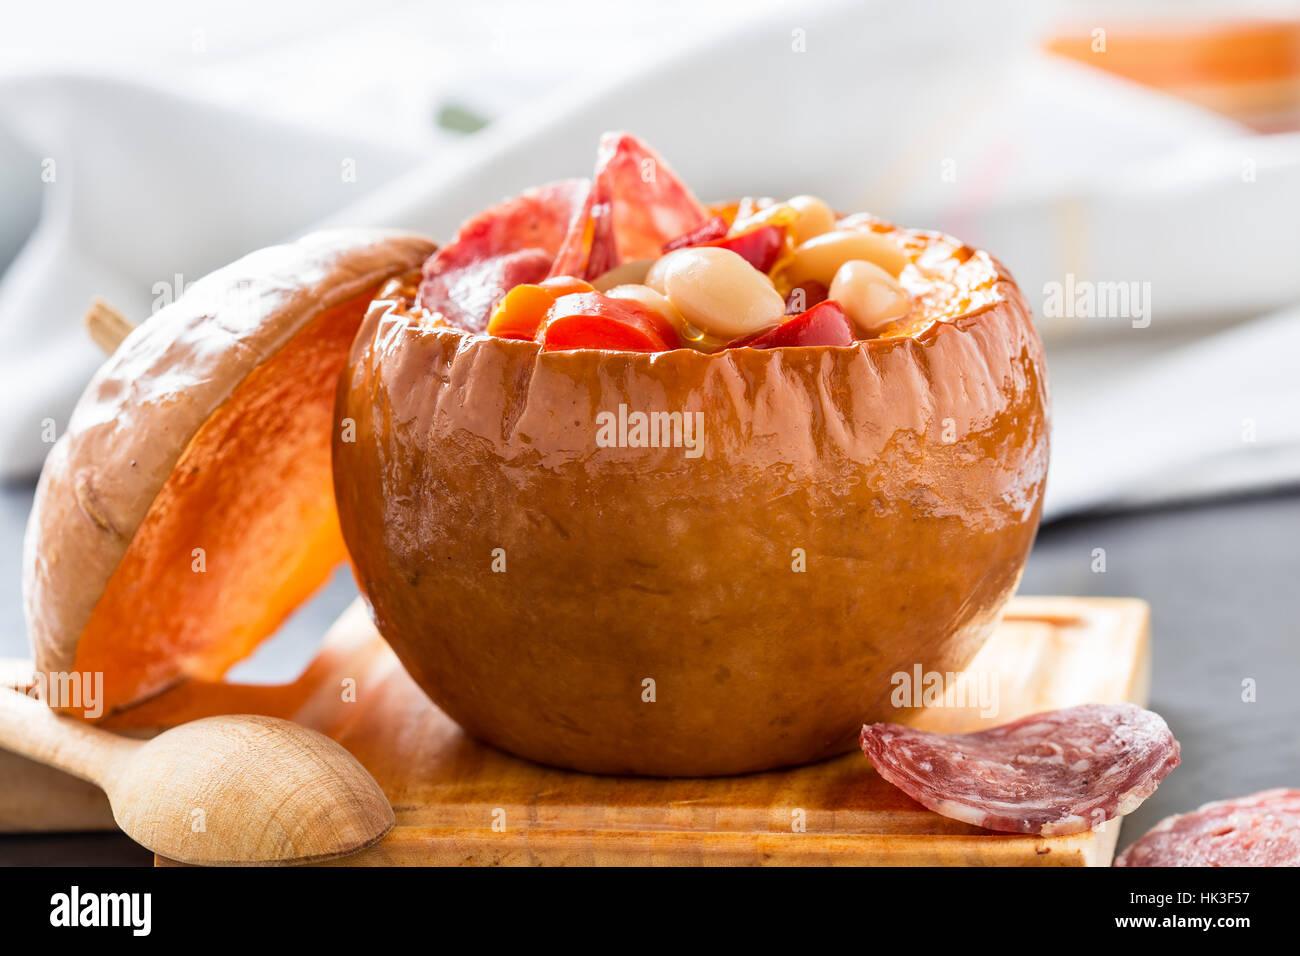 Poroto blanco y pimiento rojo verduras estofado de calabaza servido en cuencos de madera Imagen De Stock